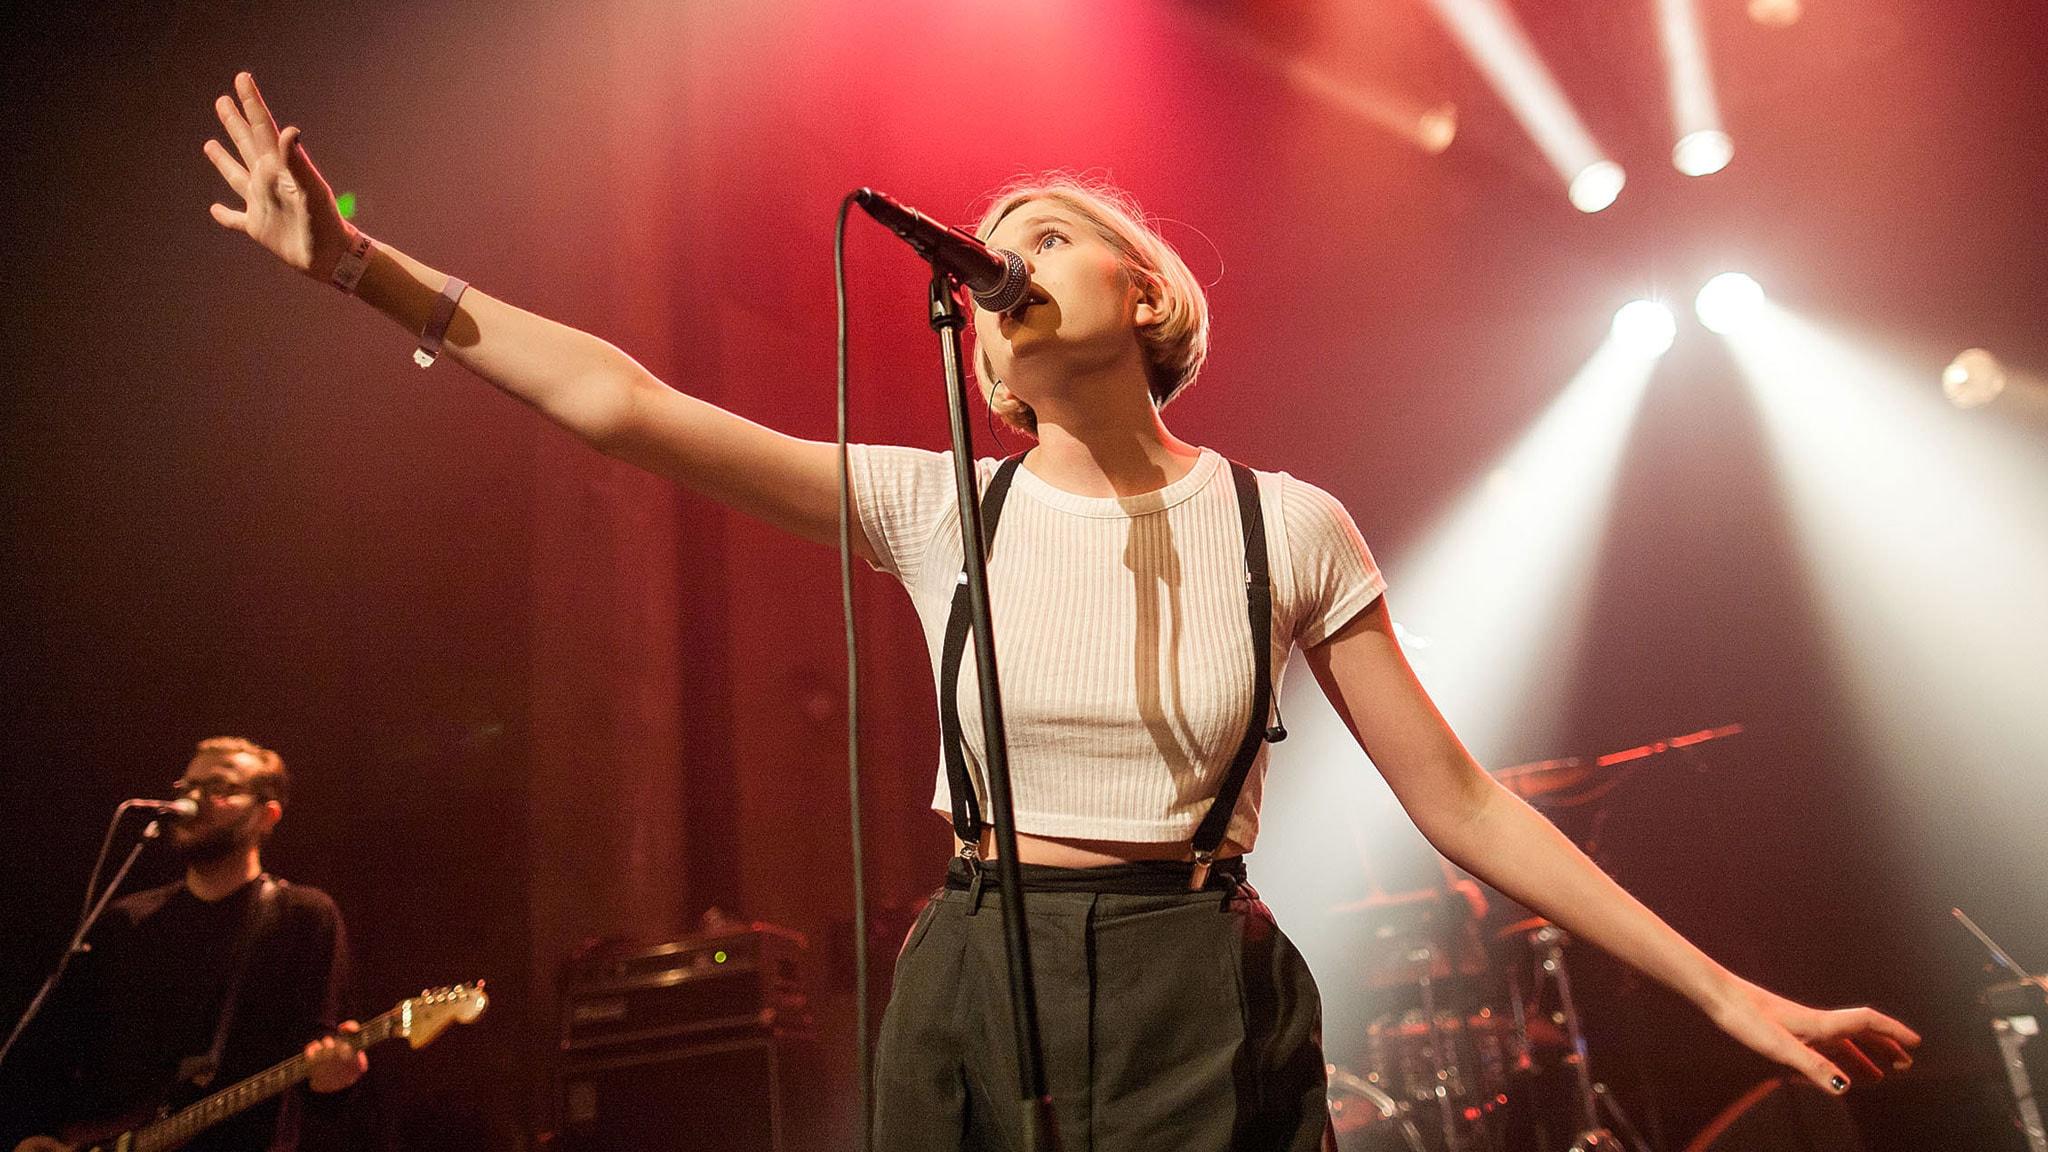 Norges starkast lysande stjärna på holländska Eurosonic